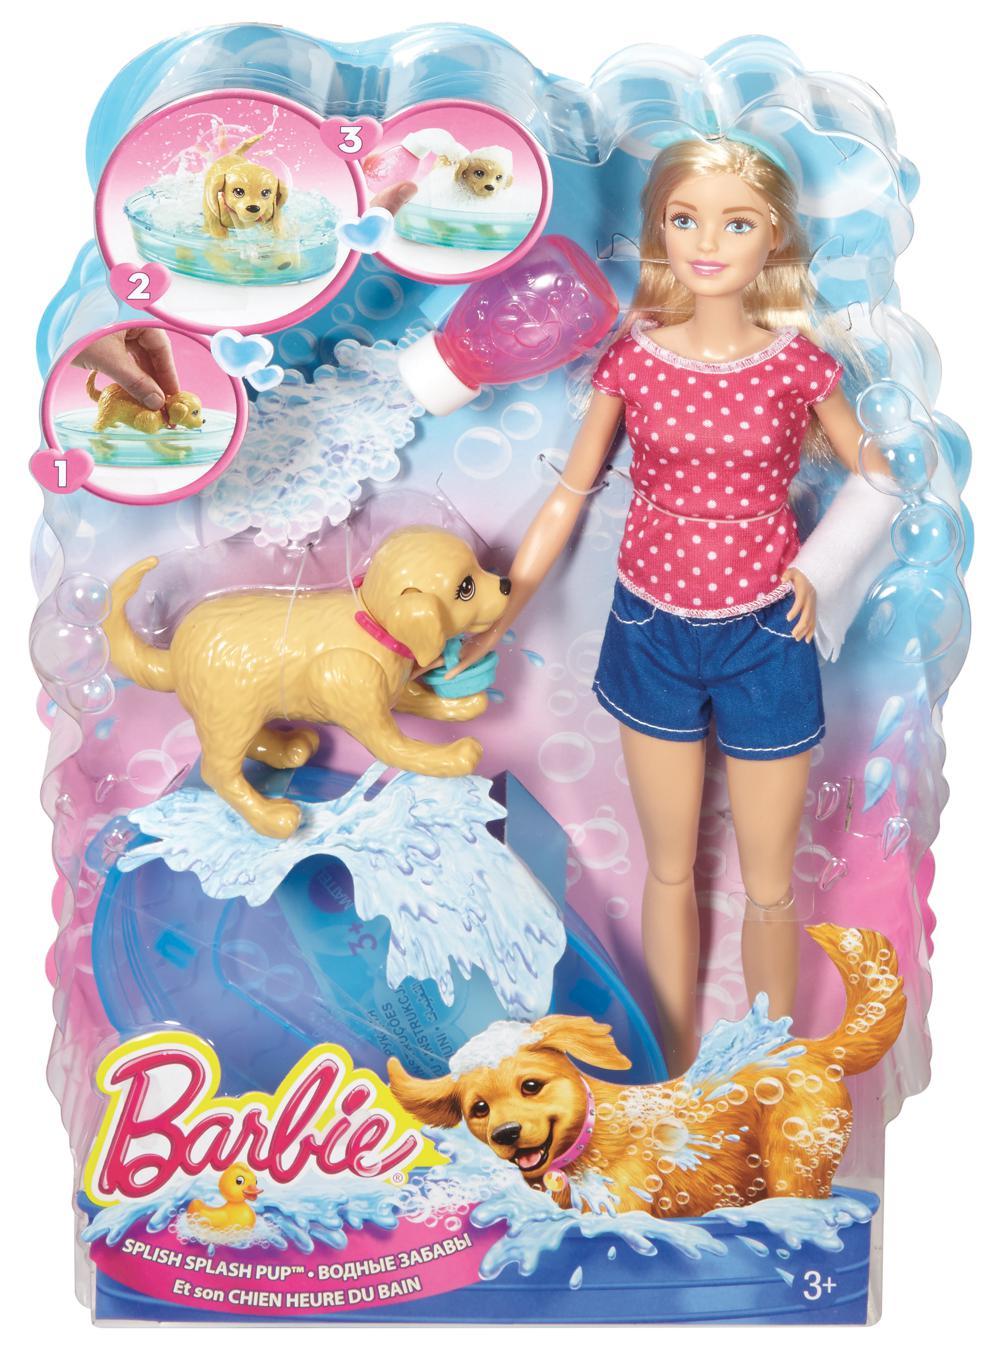 Barbie et son chien l 39 heure du bain poup es - Barbie et son chien ...